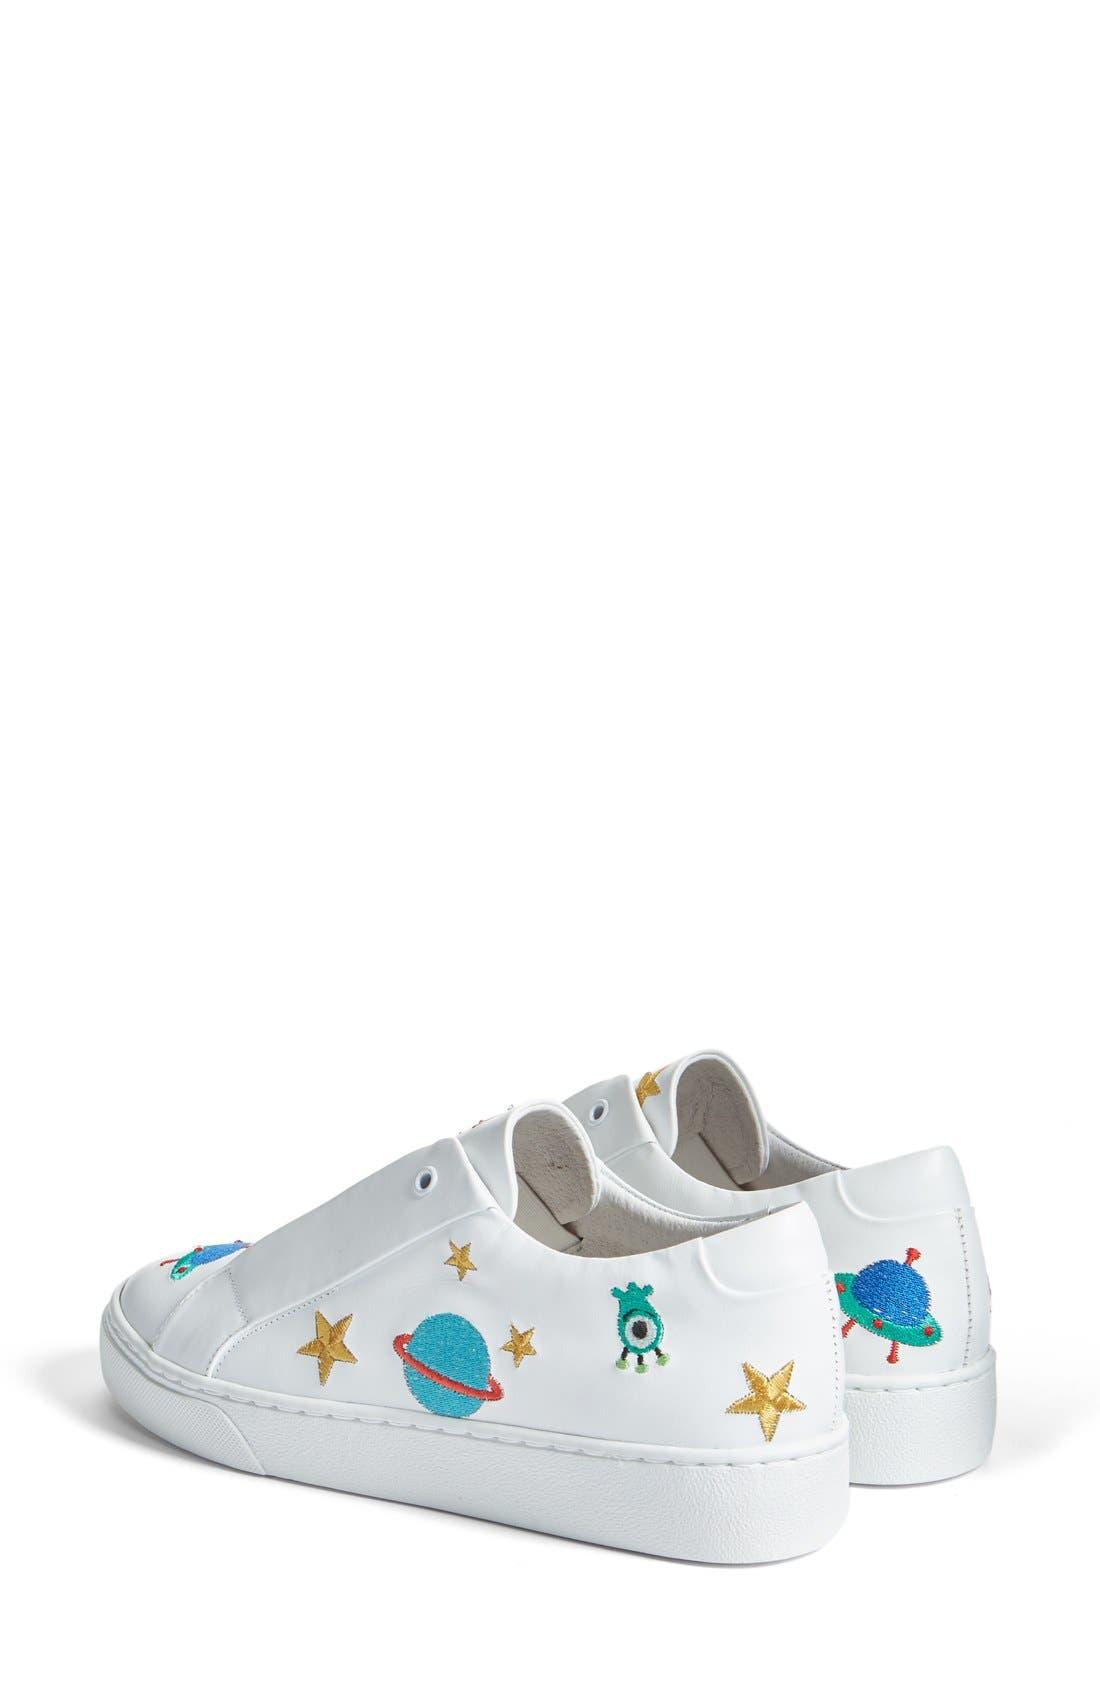 Halley Slip-On Sneaker,                             Alternate thumbnail 3, color,                             100